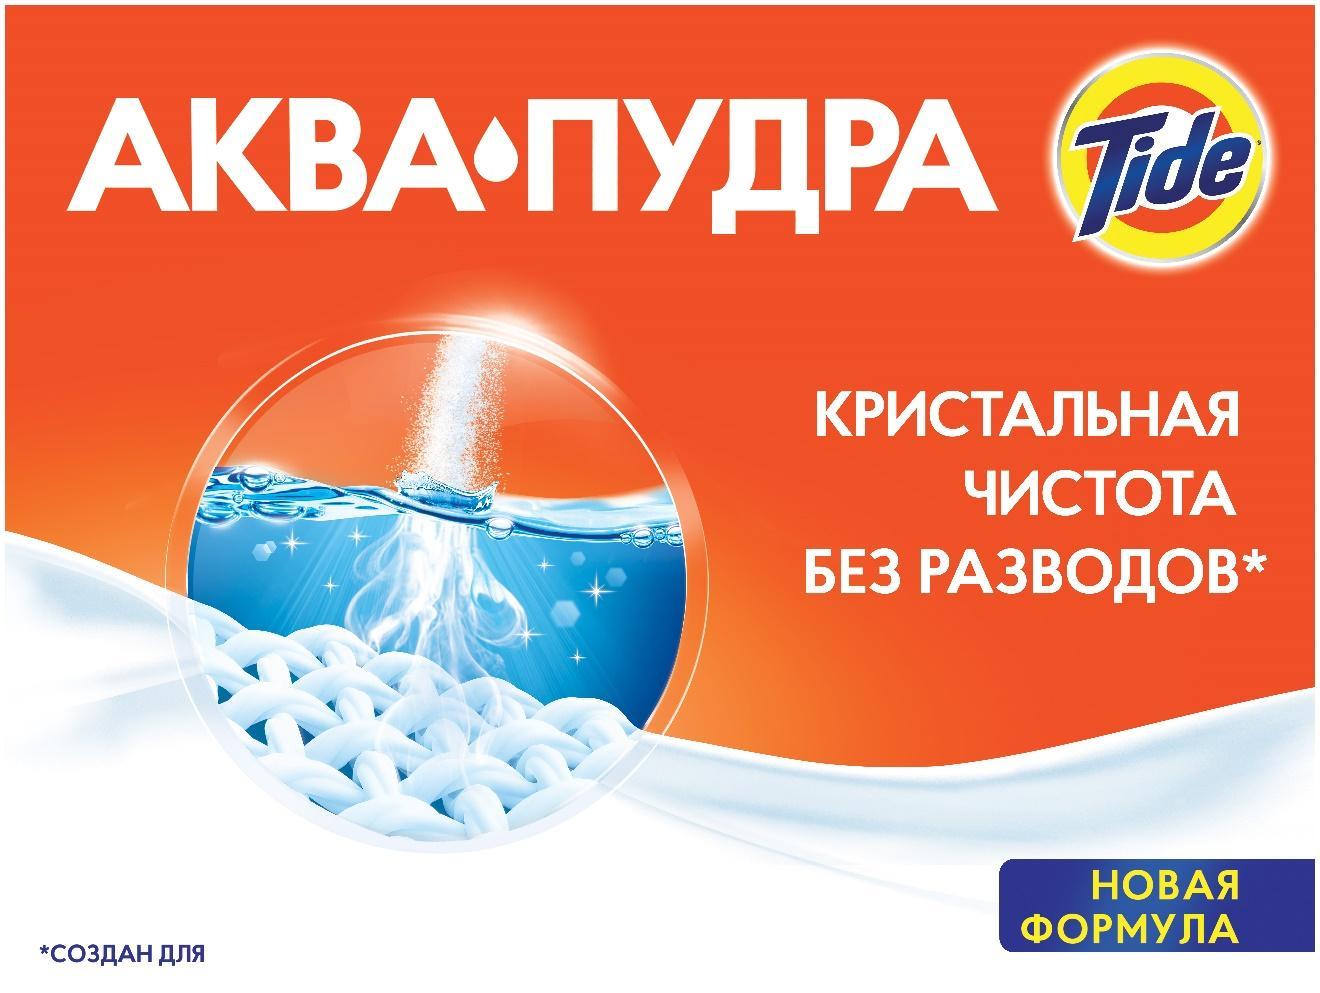 Компания Procter&Gamble выводит на рынок порошок Tide с прорывной инновационной формулой «Аквапудра»